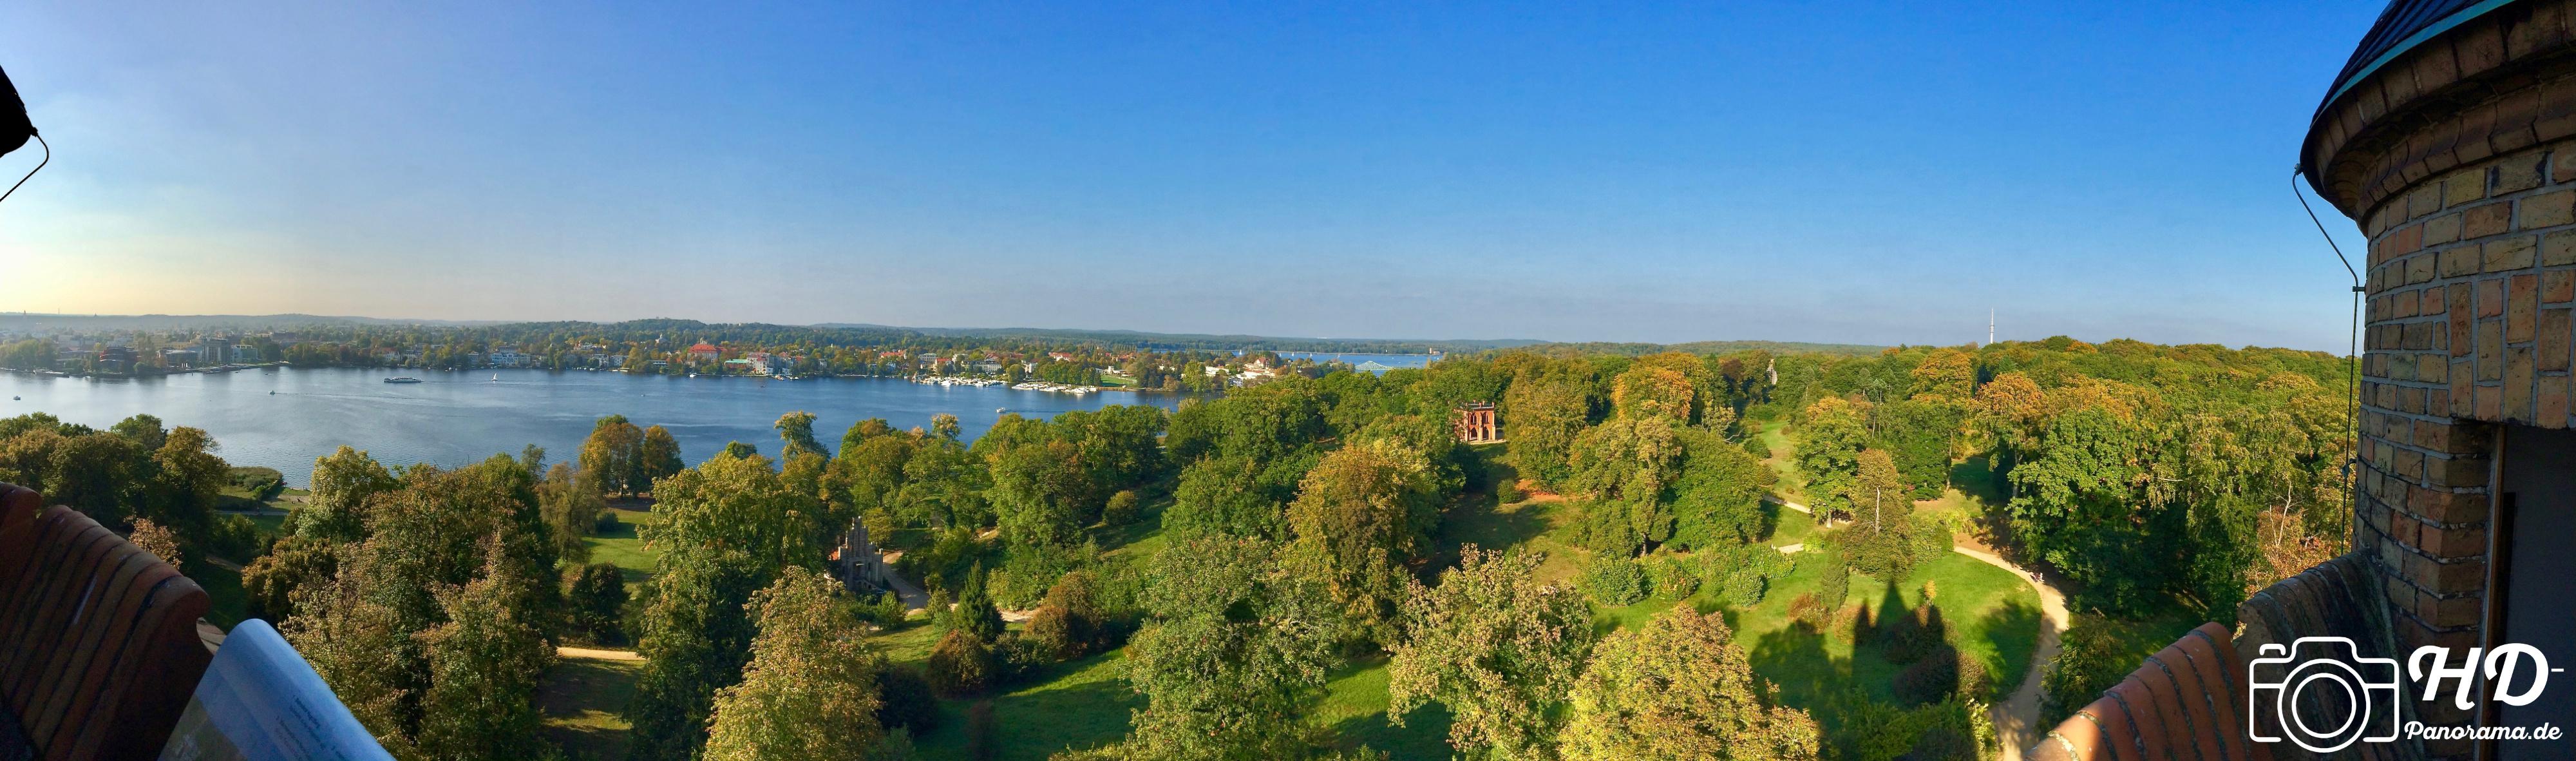 Panorama vom Flatowturm im Park Babelsberg mit Blickrichtung nach Osten, im Vordergrund die Gerichtslaube und dahinter die Glienicker Brücke - HD-Panorama © René Blanke